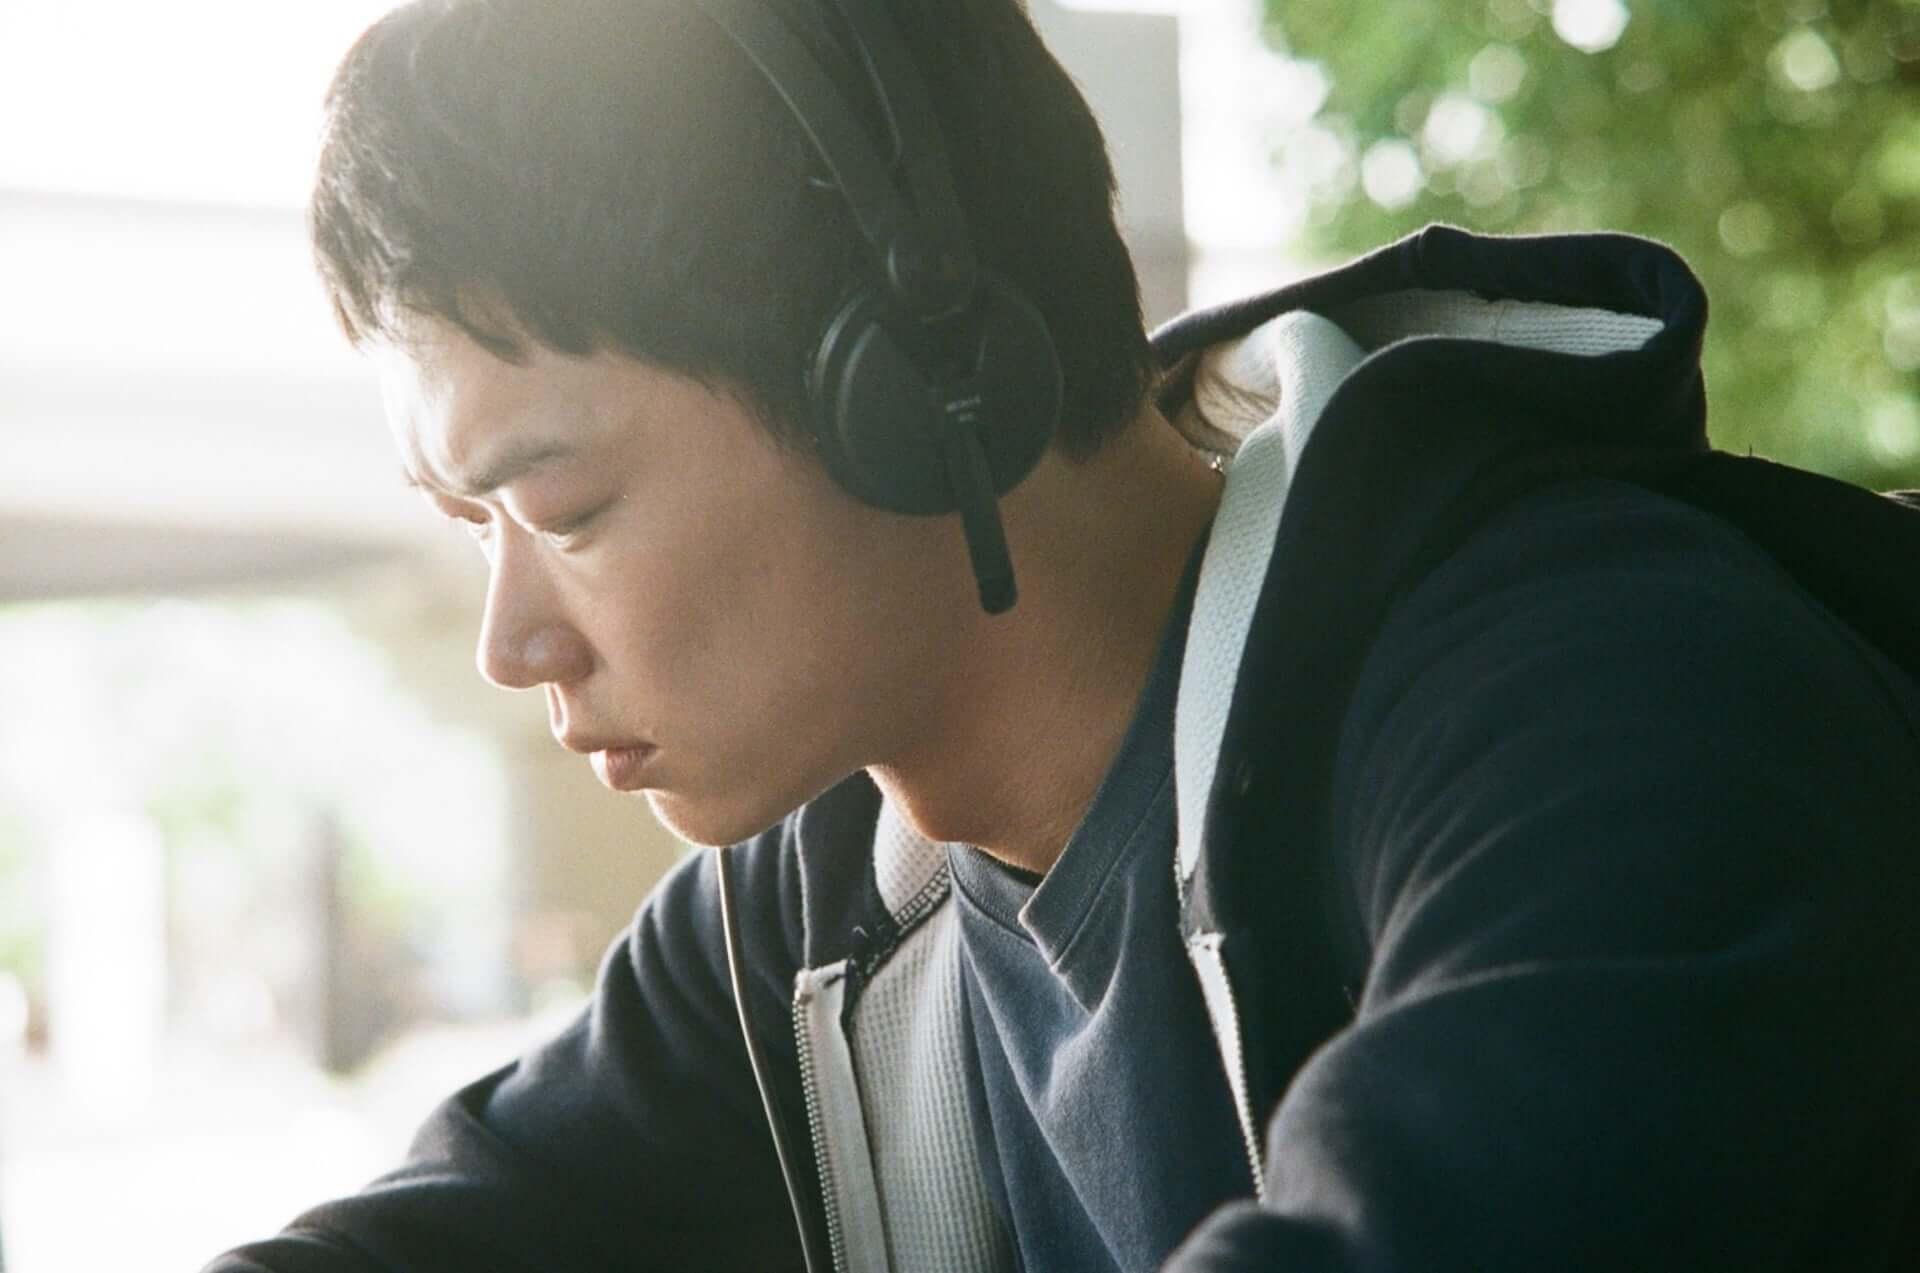 SEEDAの歴史的名盤を映画化した、笠松将主演『花と雨』がAbemaTVで独占先行配信決定! film200715_hanatoame_23-1920x1273